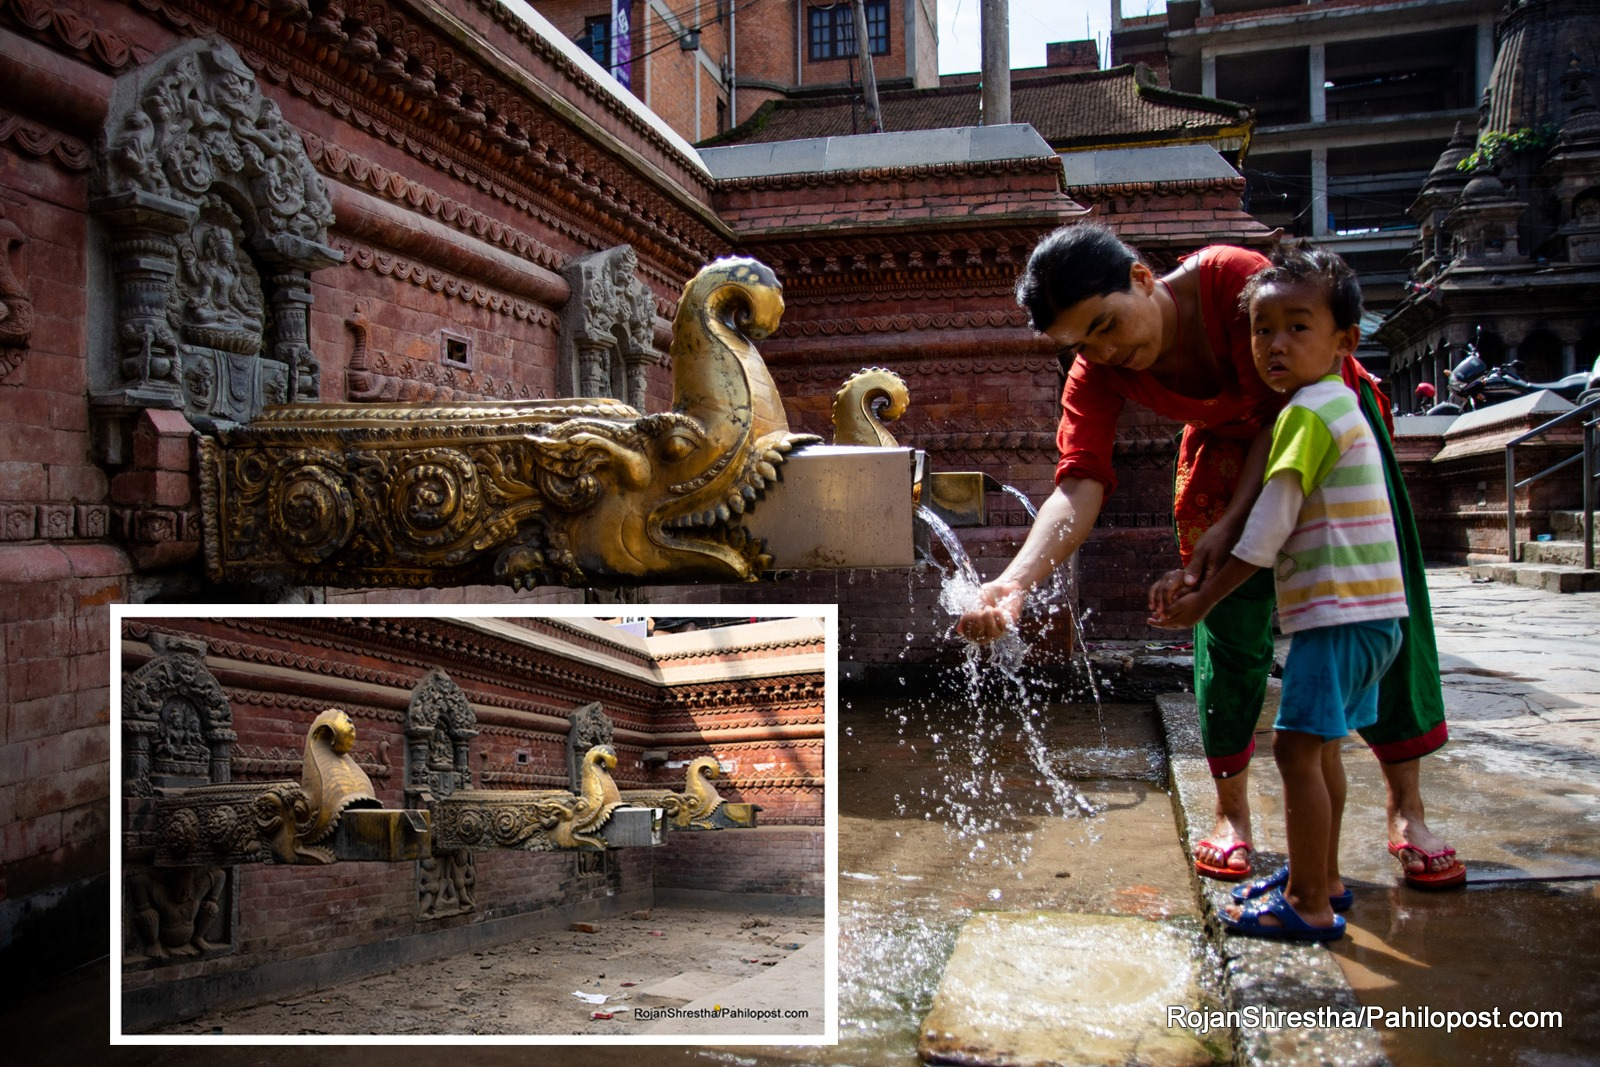 आफैँ प्यासी ढुंगेधारामा कलकल पानी : हेर्नुस् मनसुनसँगै यसरी ब्युतिए हिटी